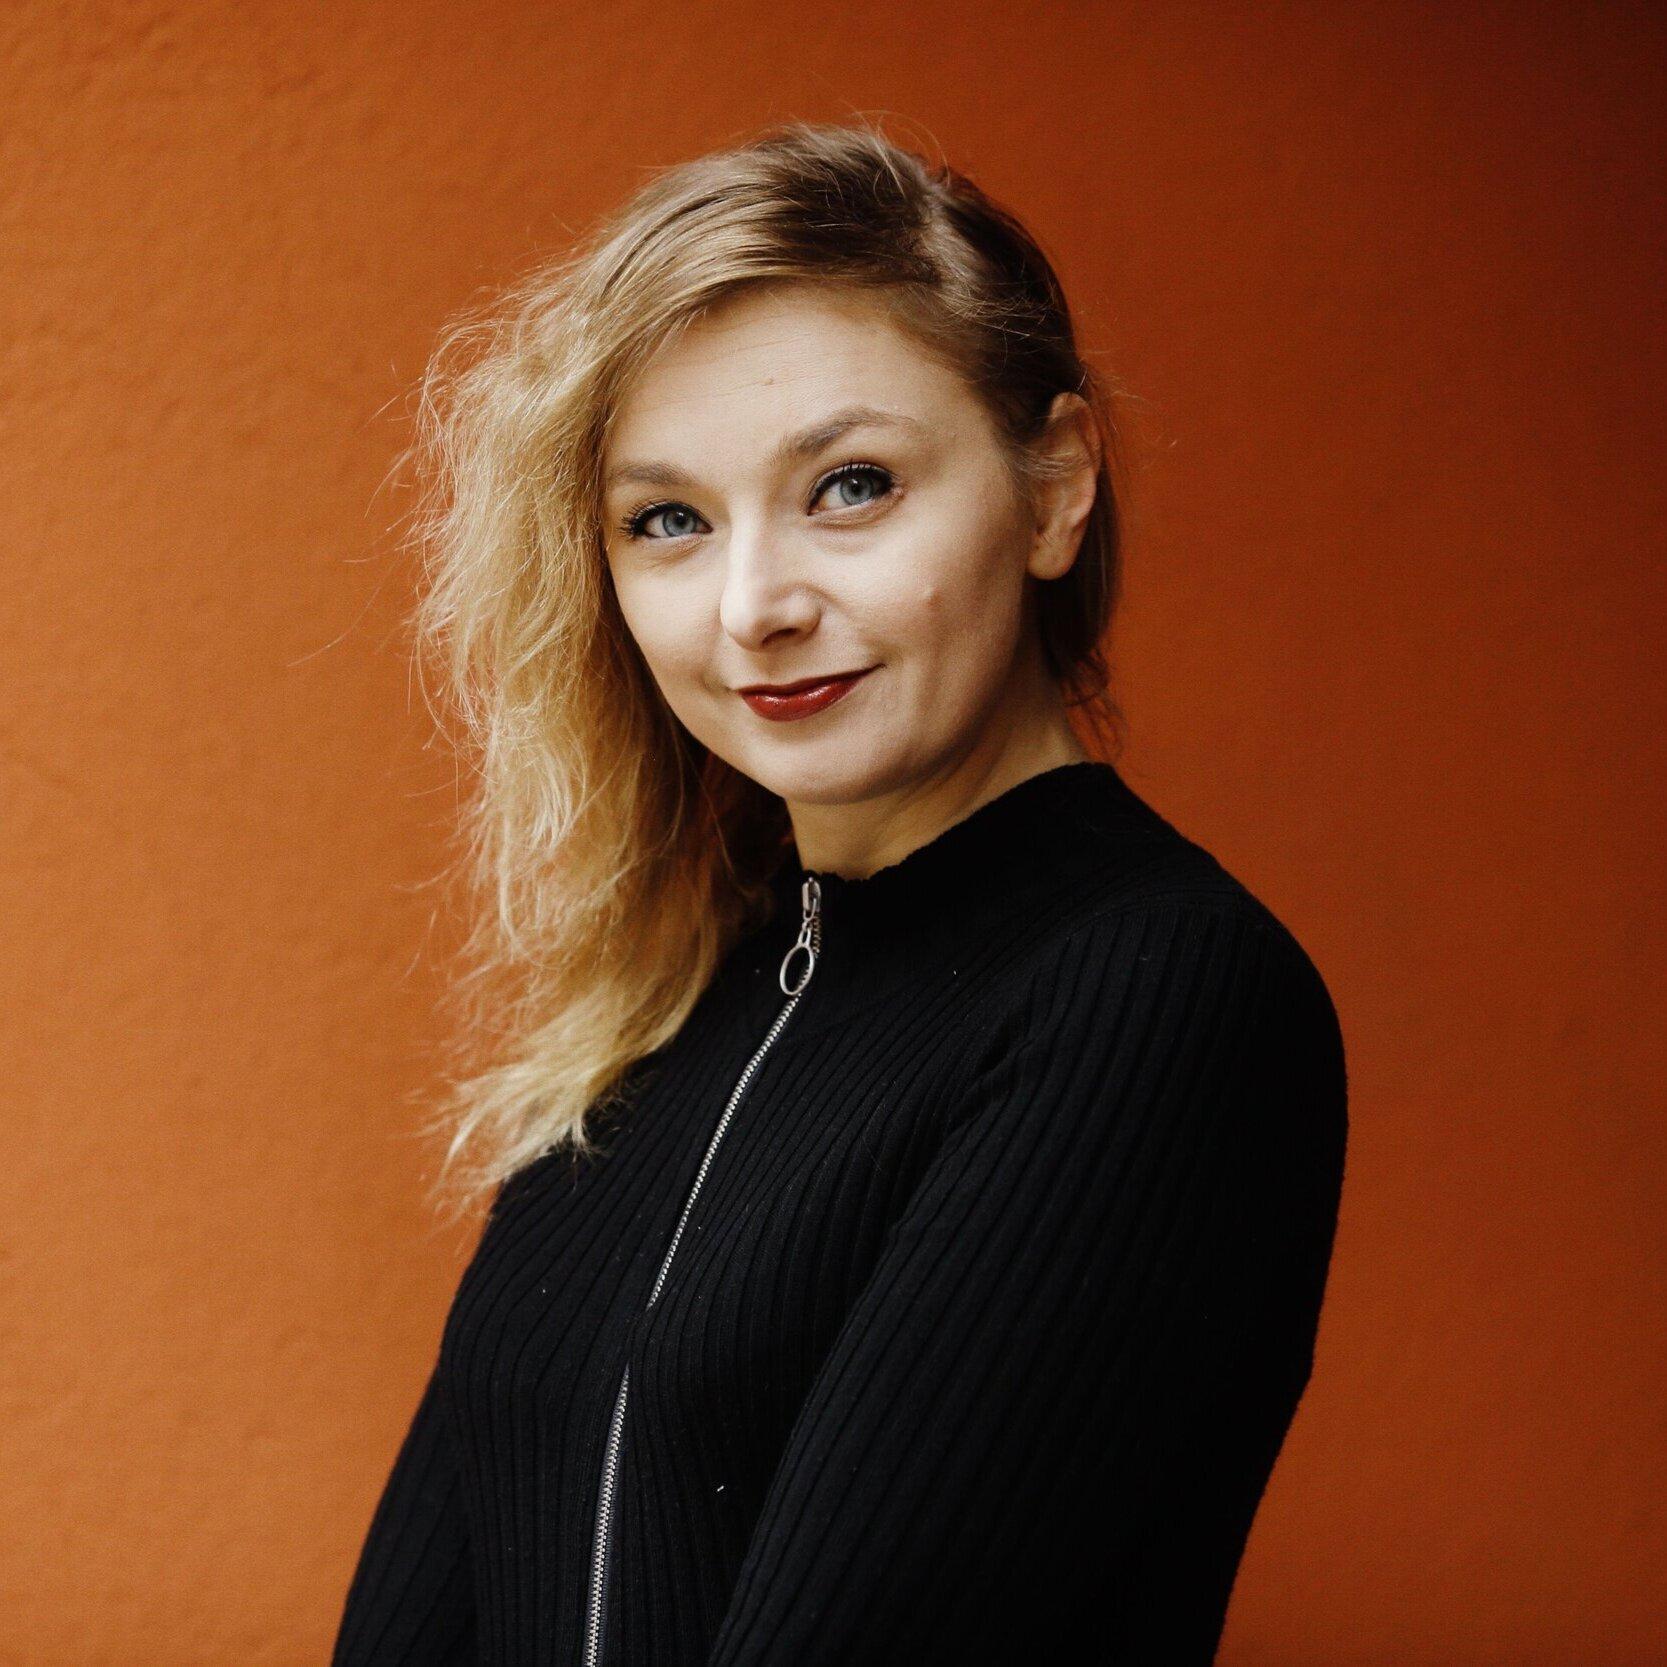 Suvi Auvinen  on journalisti ja yrittäjä, joka on kirjoittanut mm. Imageen ja Glorian ruoka & viiniin. Hän työskentelee toimitusjohtajana perustamassaan Vegefirmassa, joka järjestää Pohjoismaiden suurinta kasvisruokatapahtumaa Vegemessuja ja purkaa kasvissyöntiin liittyviä stereotypioita.   Arvostelukappaleet ja haastattelut  >  heini.salminen@kosmoskirjat.fi    Pressikuvat  >  Kansi   I   Kuva 1   I   Kuva 2   I  Kuvat: Meri Björn.